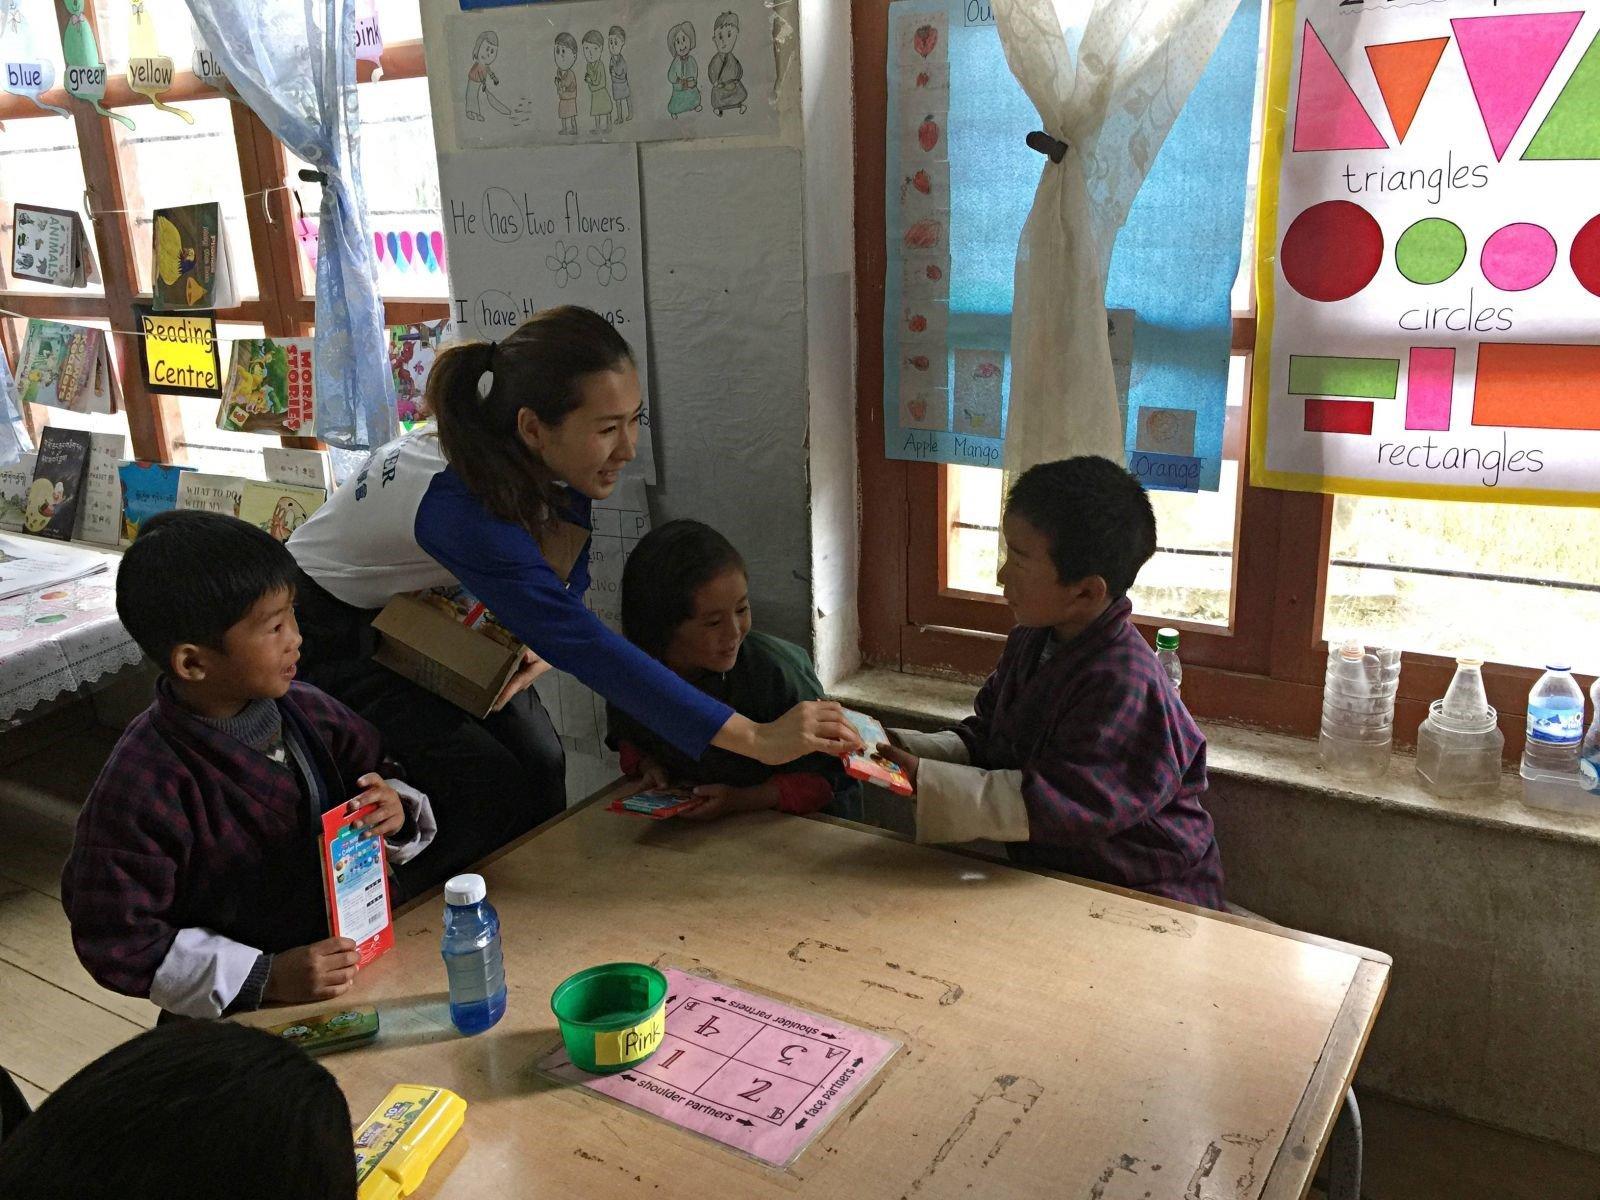 2018年 不丹助學 – 志工分享 1